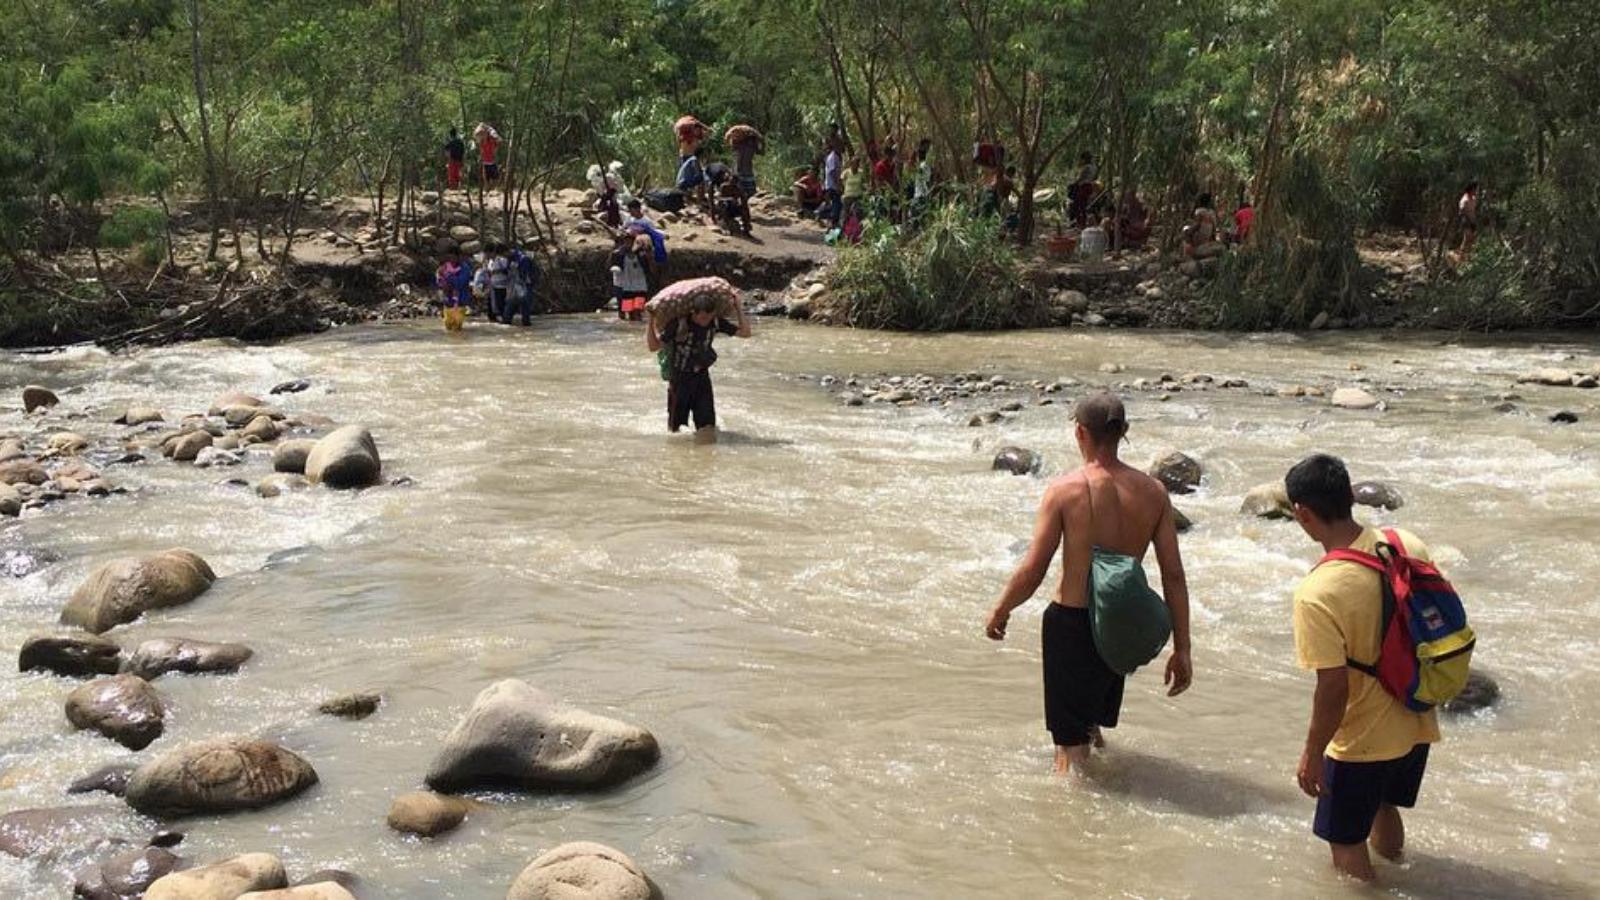 Más de 1.000 personas han sido desplazadas por violencia en frontera colombo-venezolana